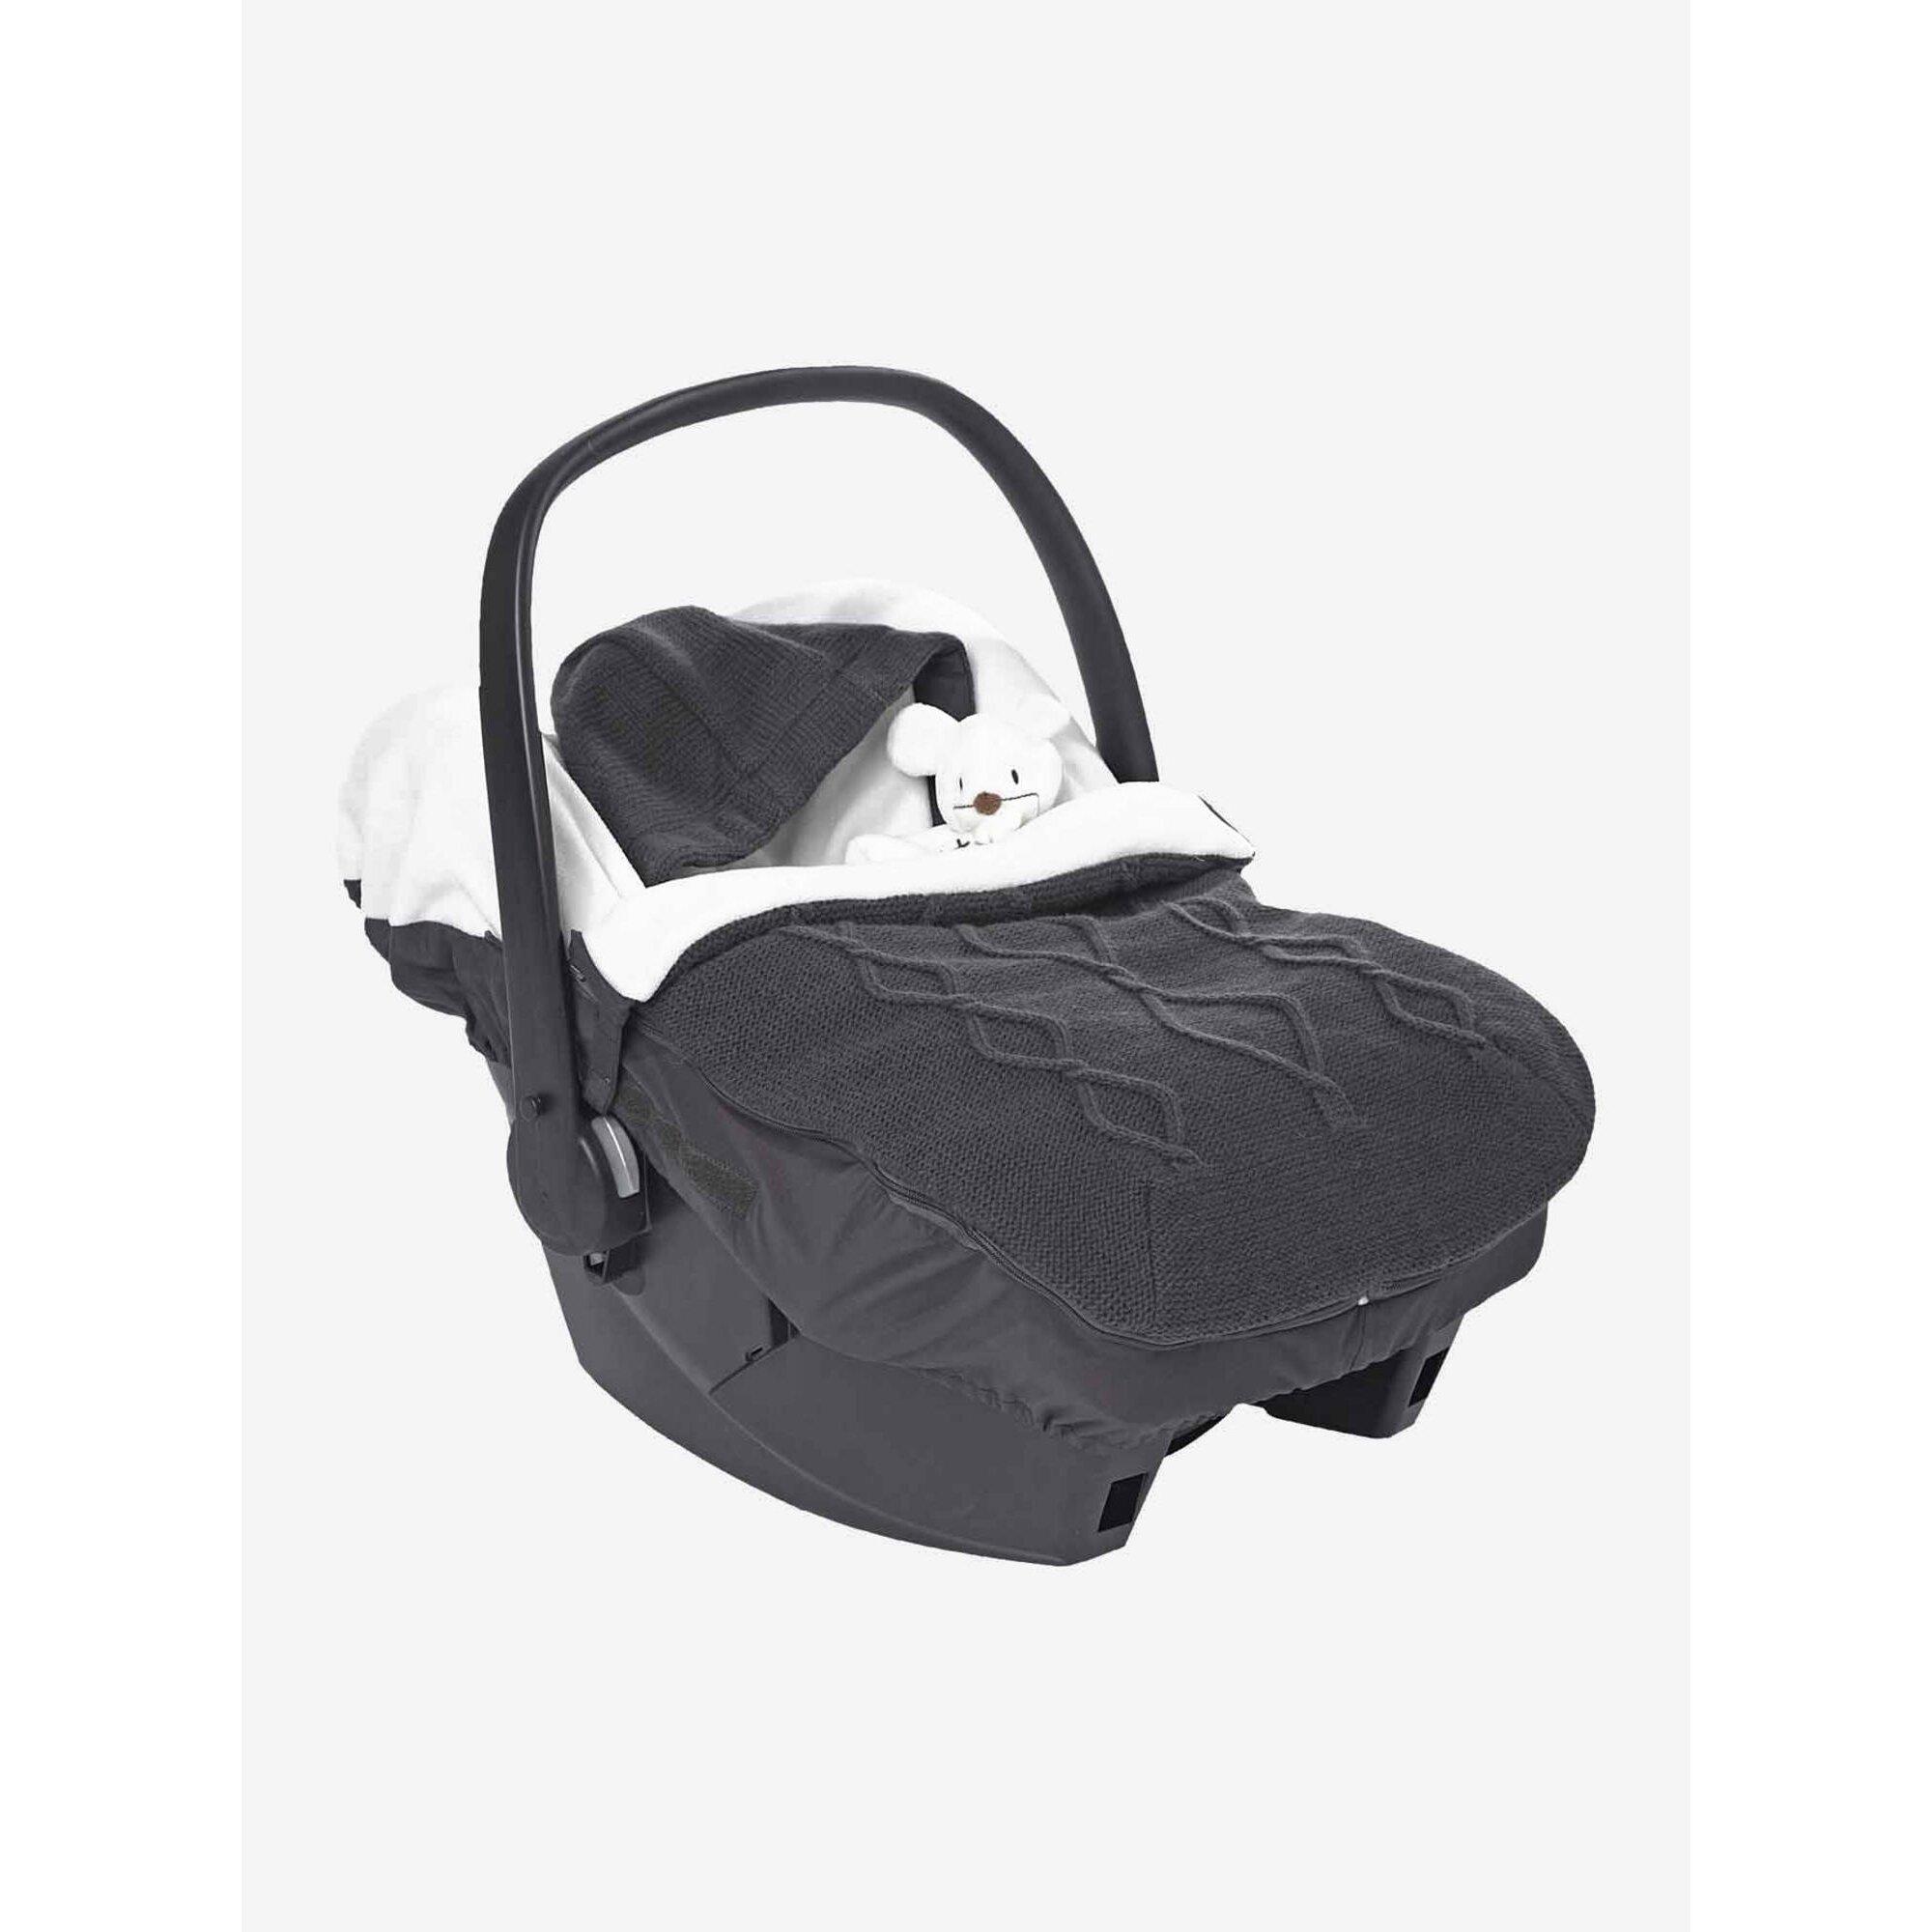 vertbaudet-fu-sack-fur-babyschalen-zopfmuster-schwarz